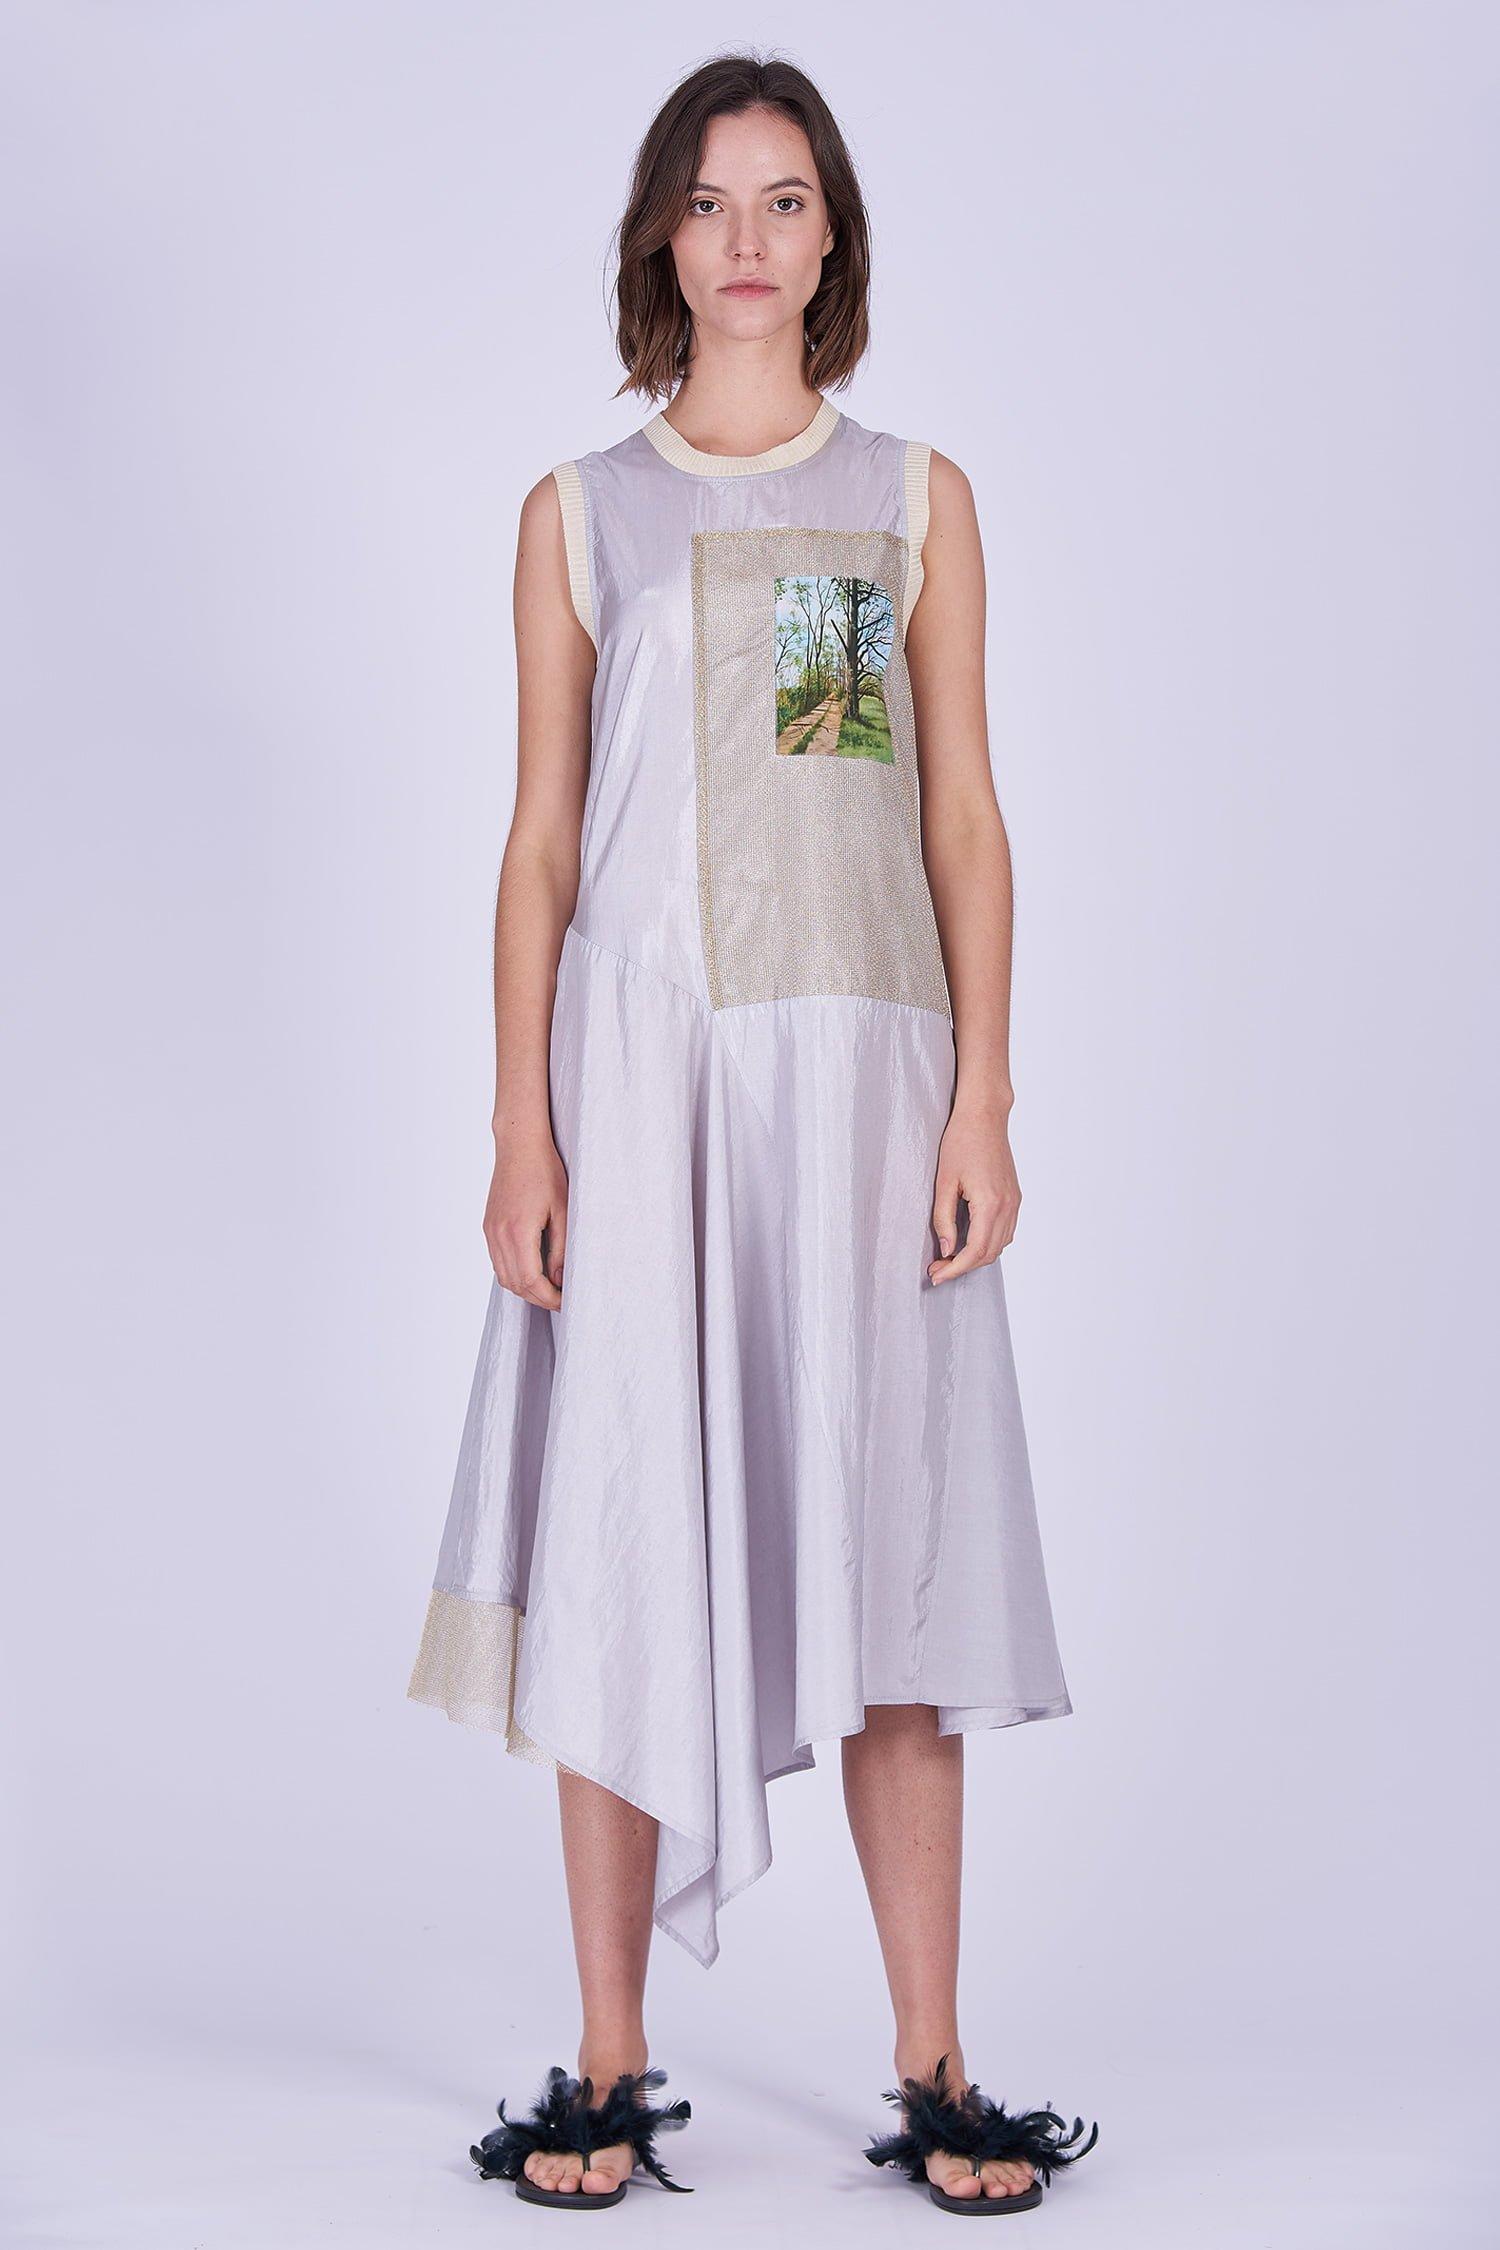 Acephala Ss2020 Sleeveless Summer Dress Letnia Sukienka Front 1